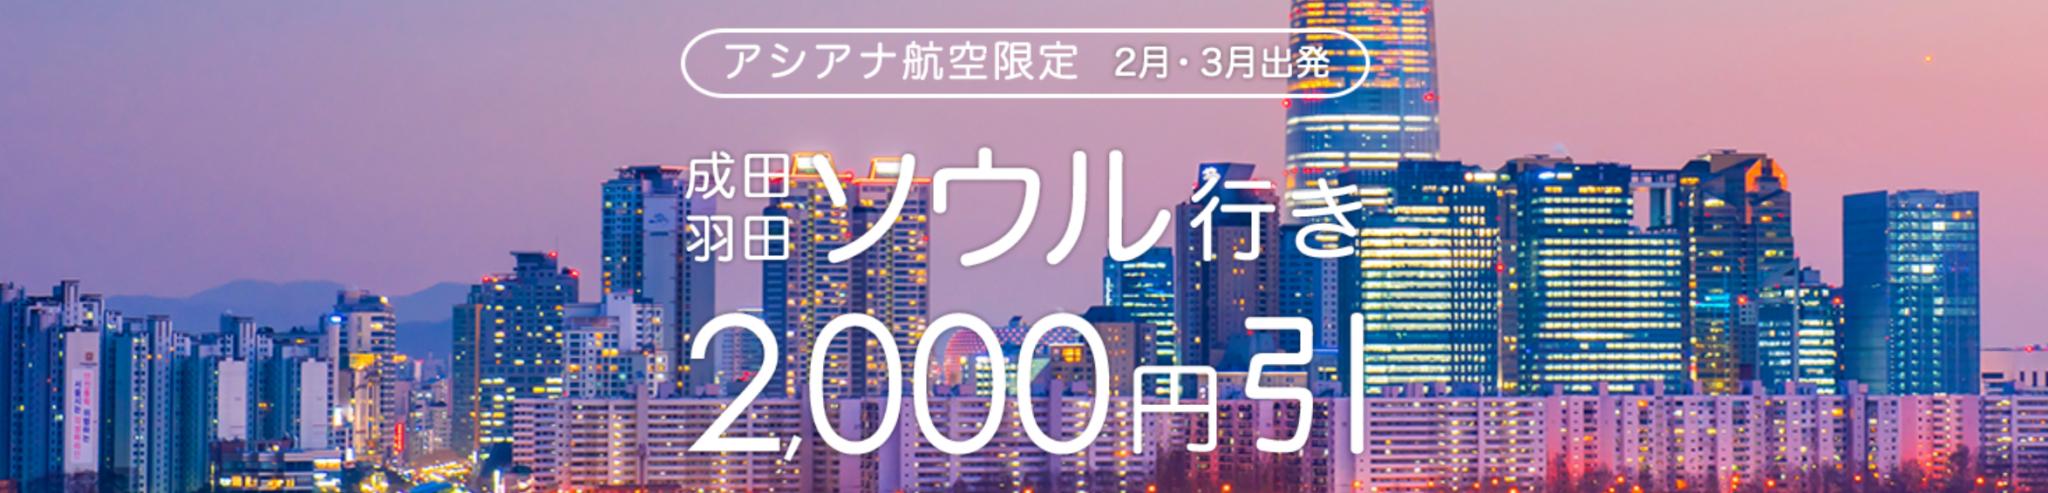 【サプライス(Surprice!)】ソウル行き限定 海外航空券予約2,000円割引クーポン